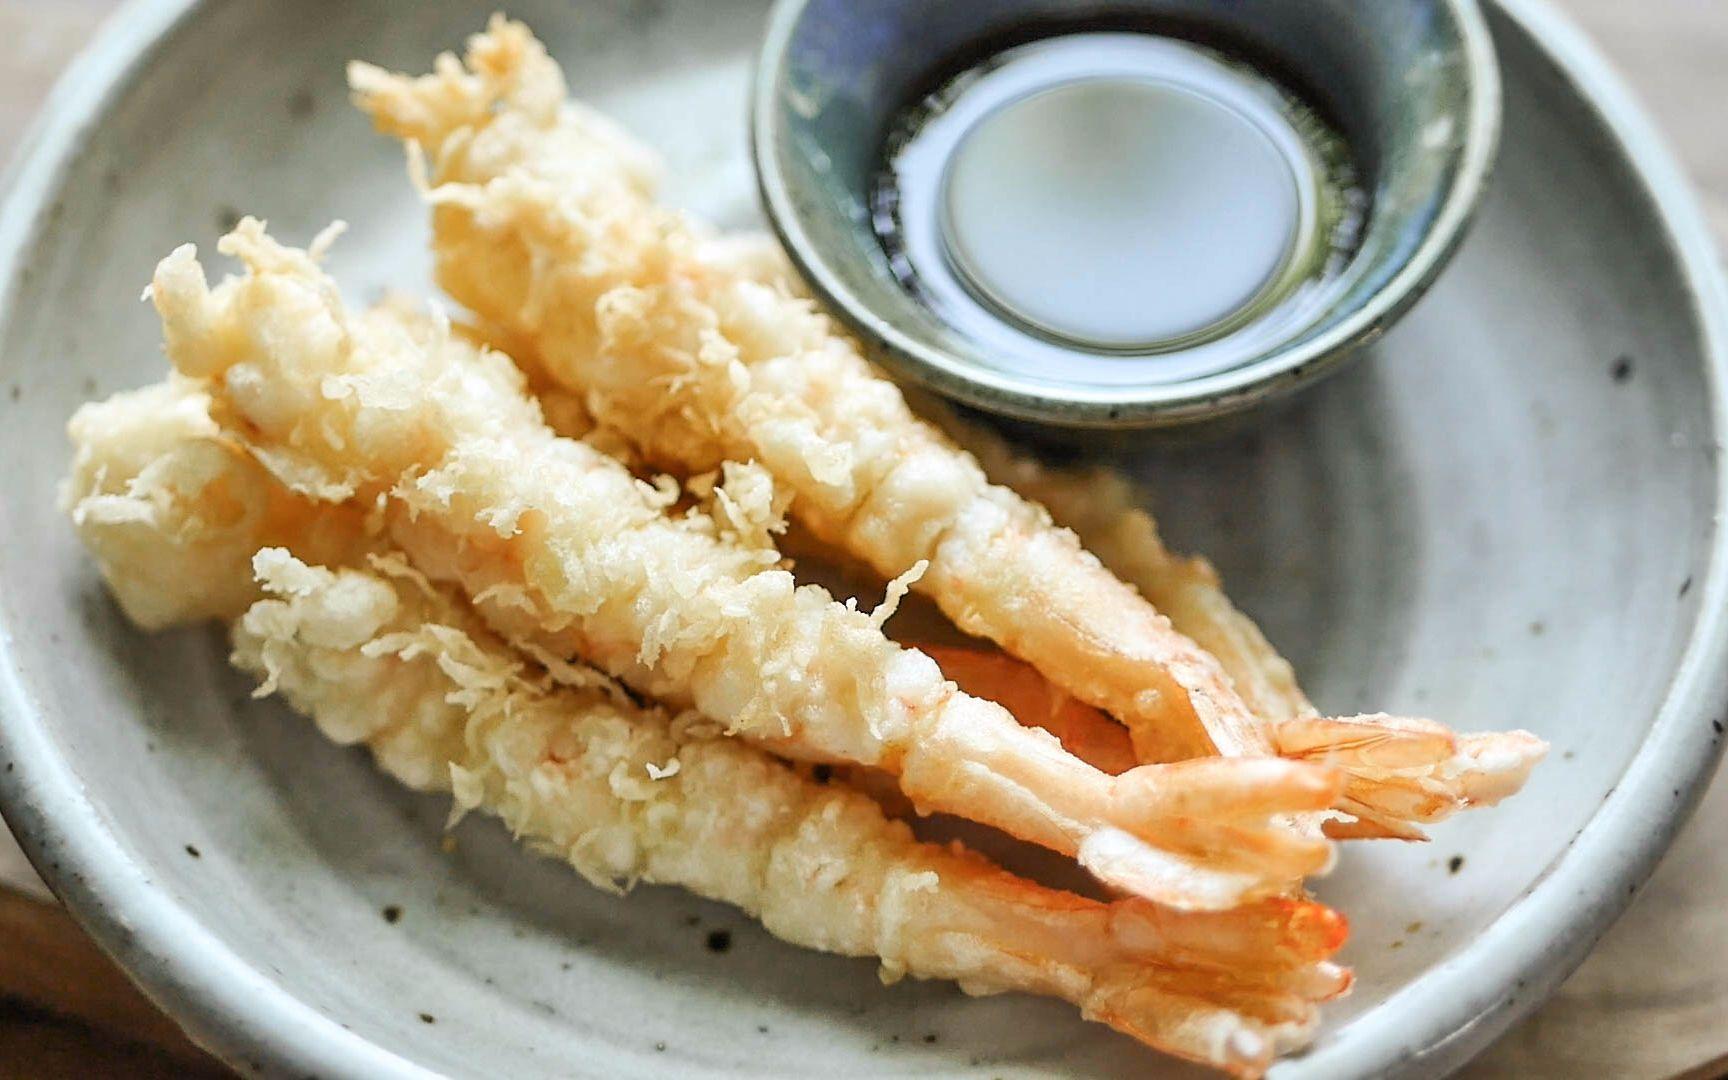 【小高姐】天婦羅面糊只要三個原料:雞蛋面粉水 輕盈酥脆的炸蝦 關鍵是面粉_嗶哩嗶哩 (゜-゜)つロ 干杯~-bilibili